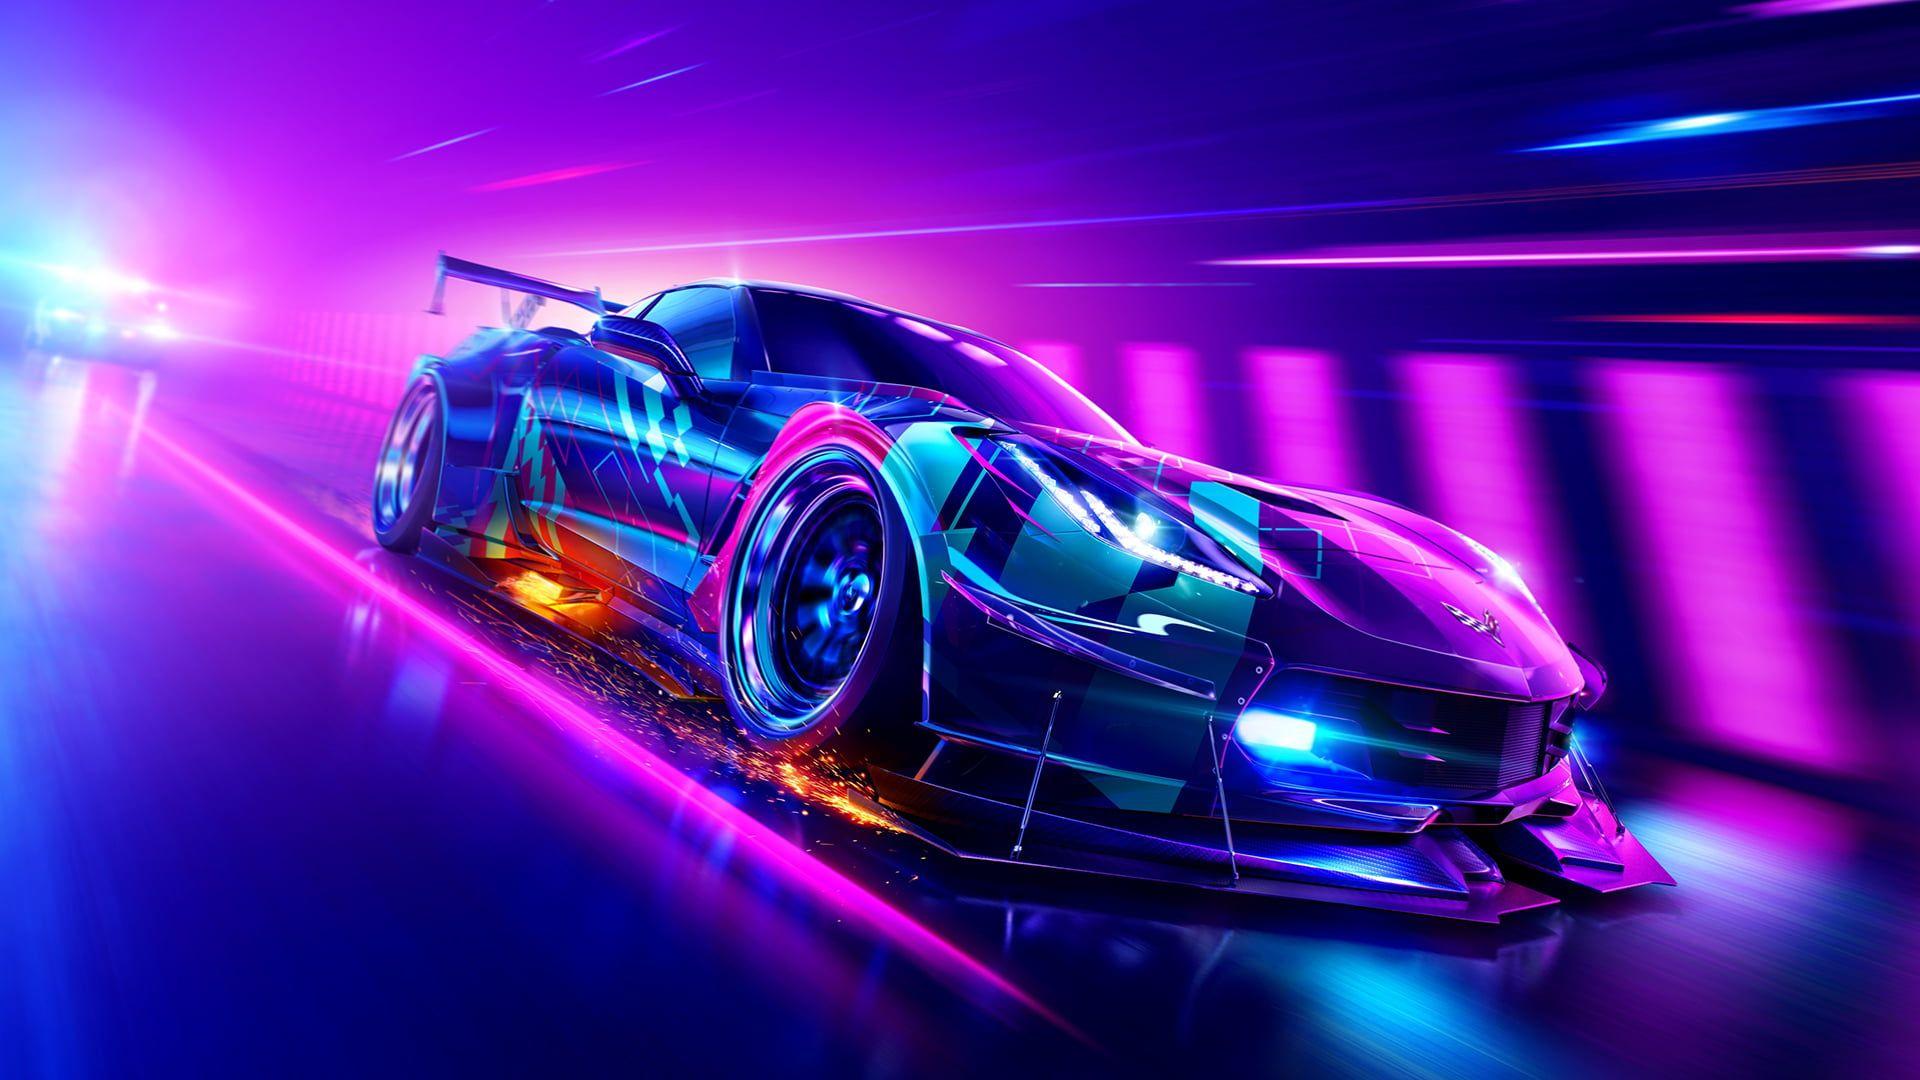 Car Neon Chevrolet Corvette Race Cars 1080p Wallpaper Hdwallpaper Desktop Corvette Grand Sport Need For Speed Car Wallpapers